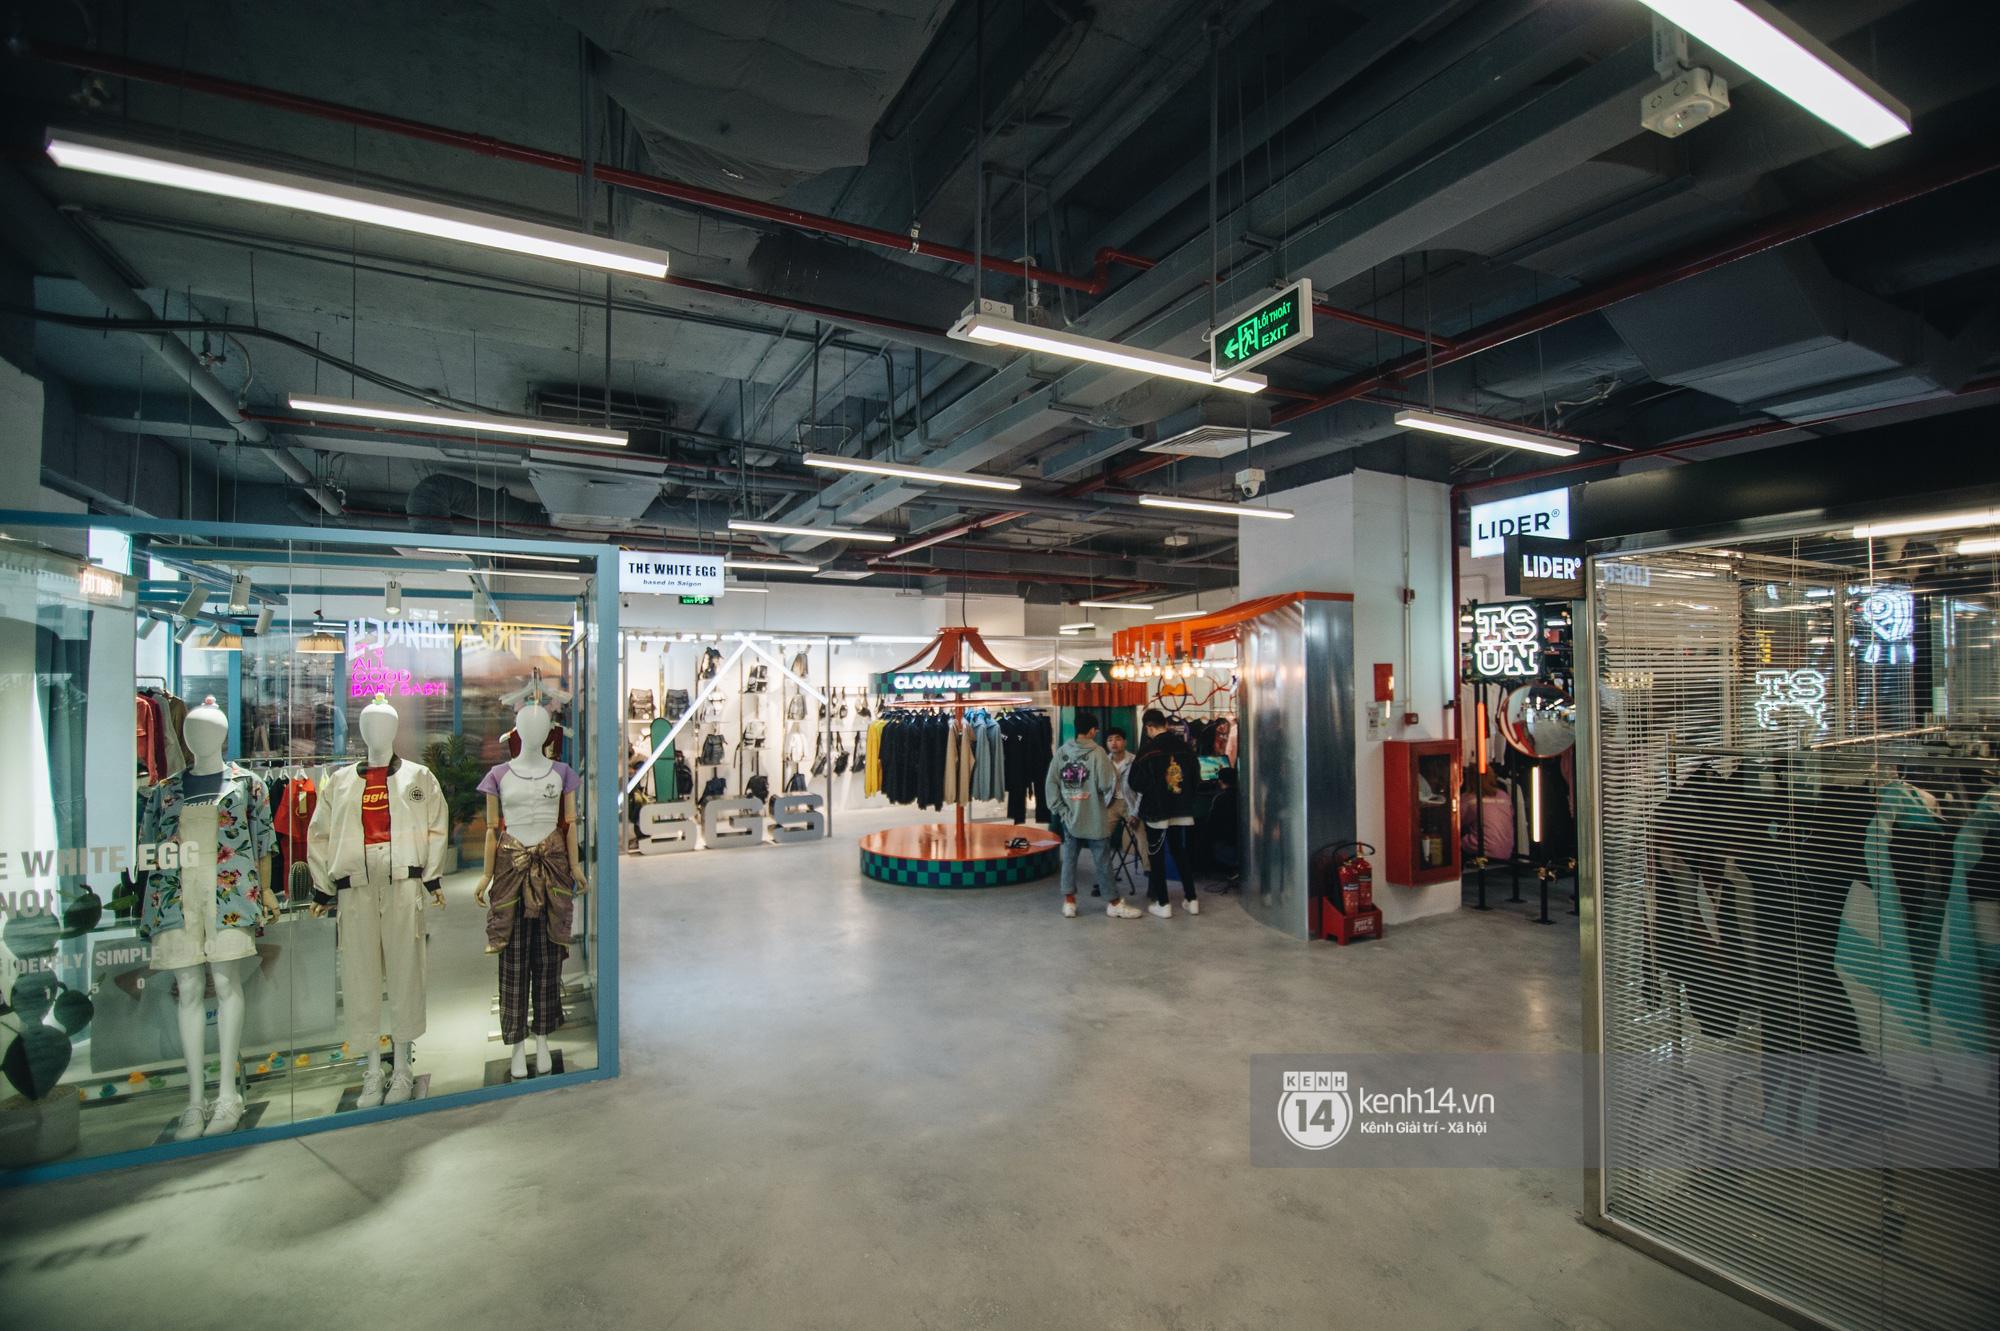 The New Playground: từ khu mua sắm dưới lòng đất ở Sài Gòn đến tổ hợp shopping trên cao cực trất dành cho giới trẻ Hà Nội - Ảnh 5.